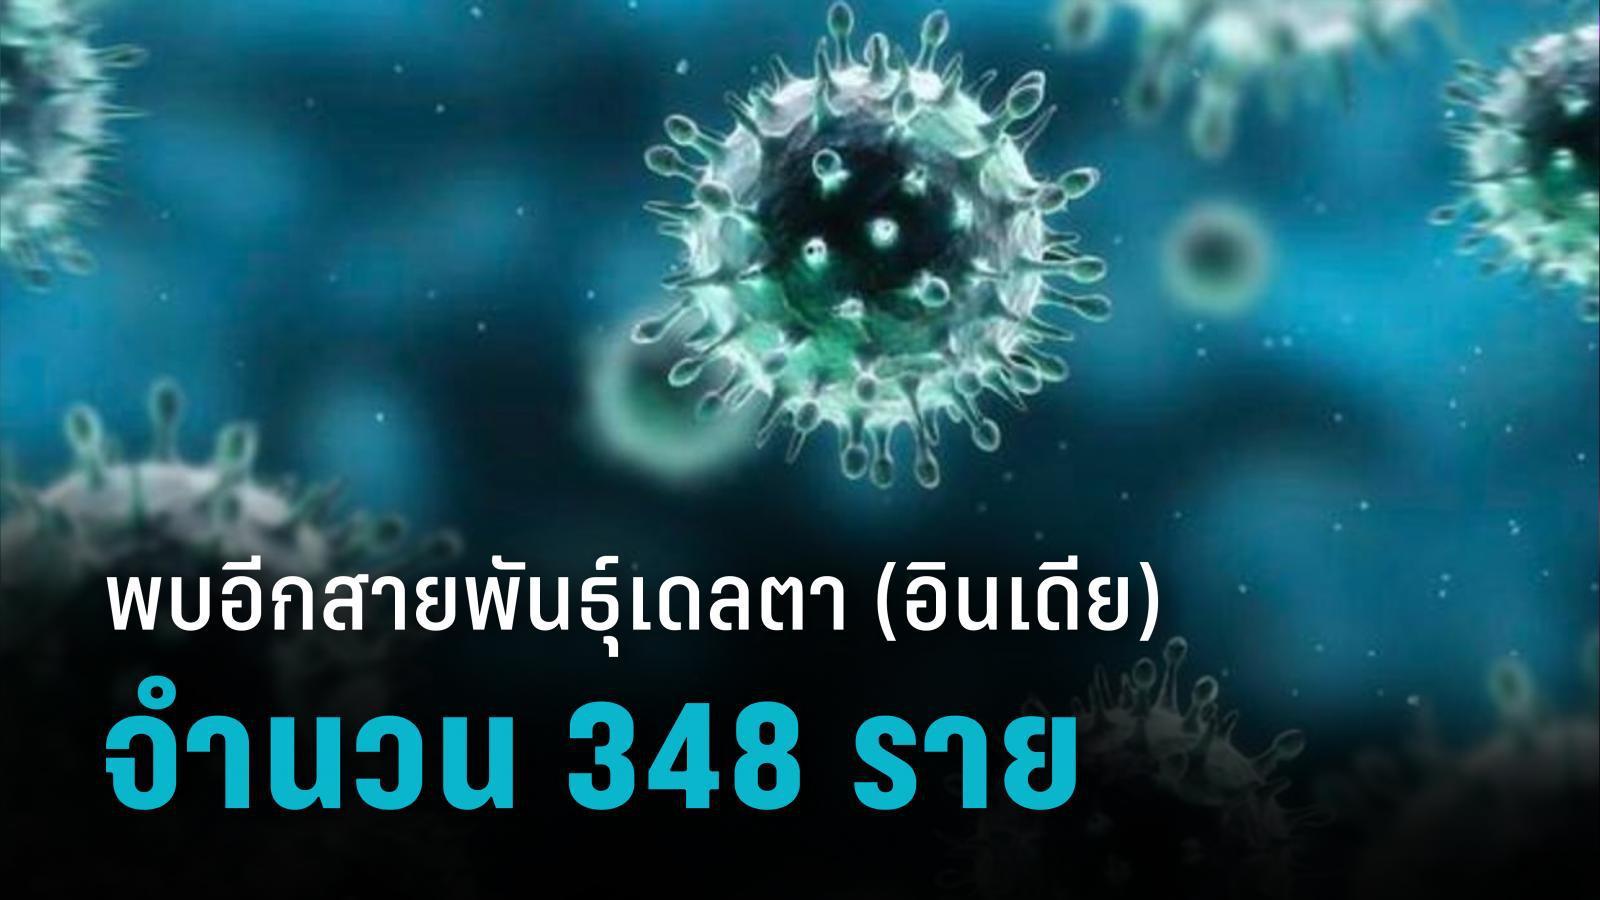 กรมวิทยาศาสตร์การแพทย์ เผย เจอสายพันธุ์เดลตา (อินเดีย) 348 ราย